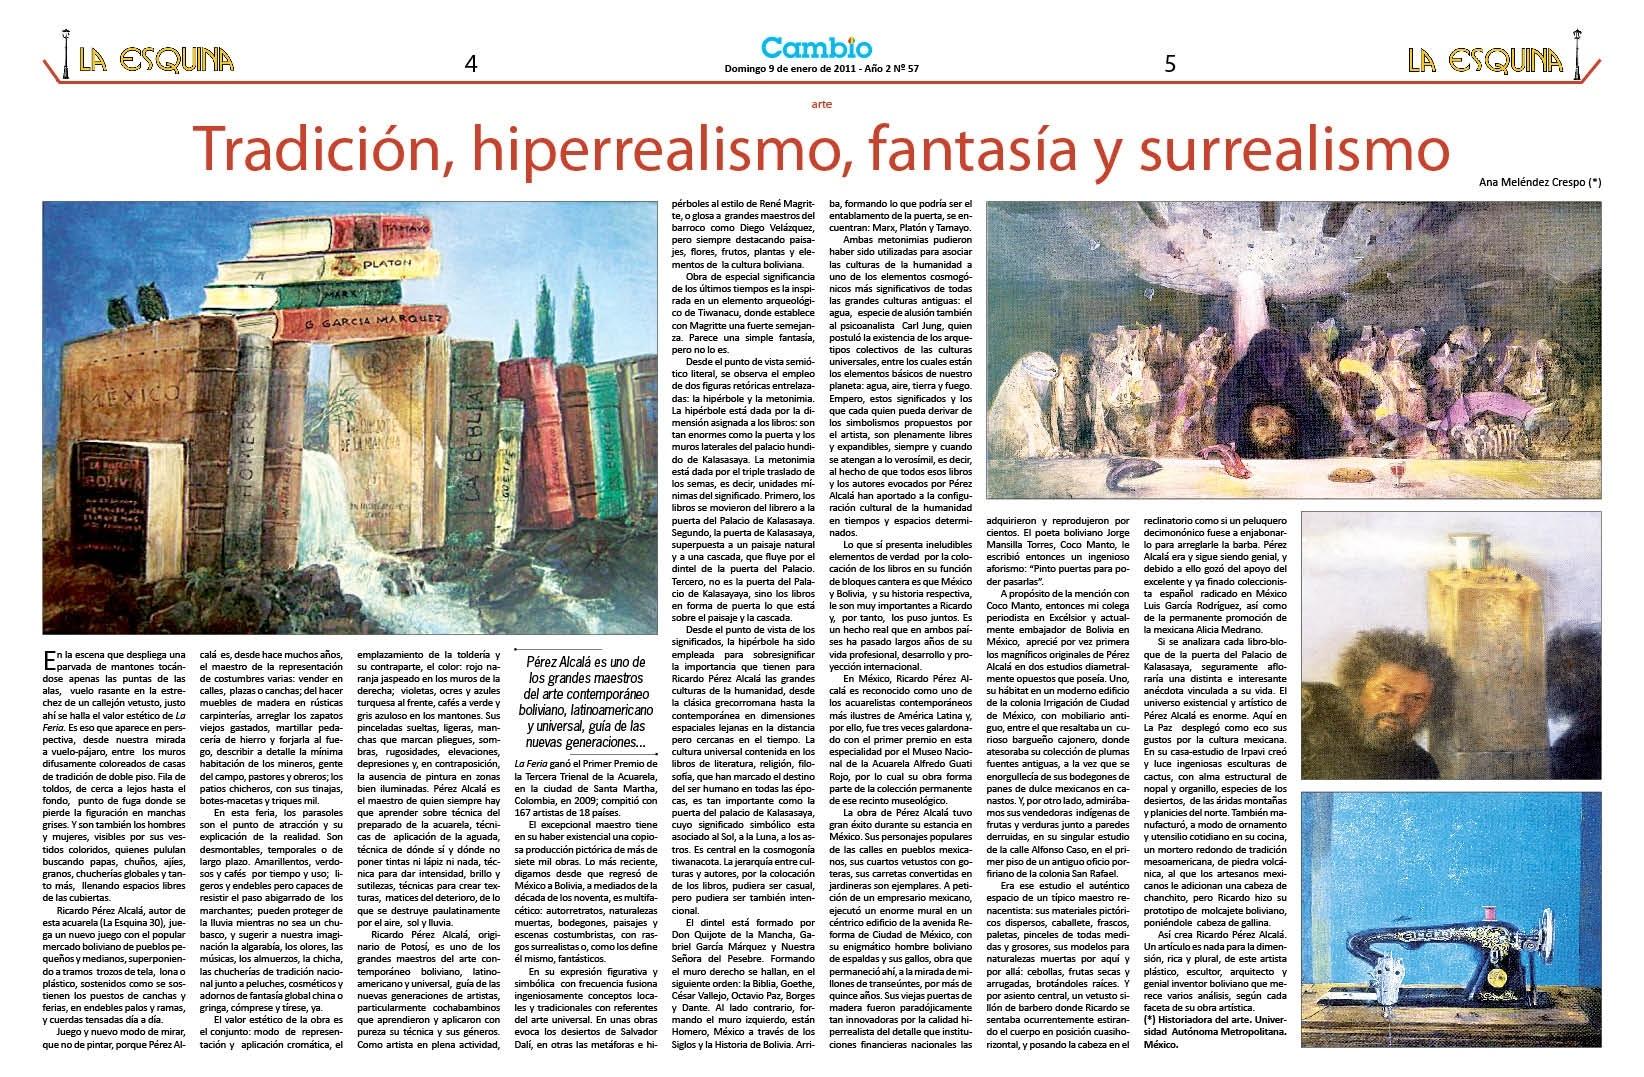 Tradición hiperrealismo, fantasía y surrealismo